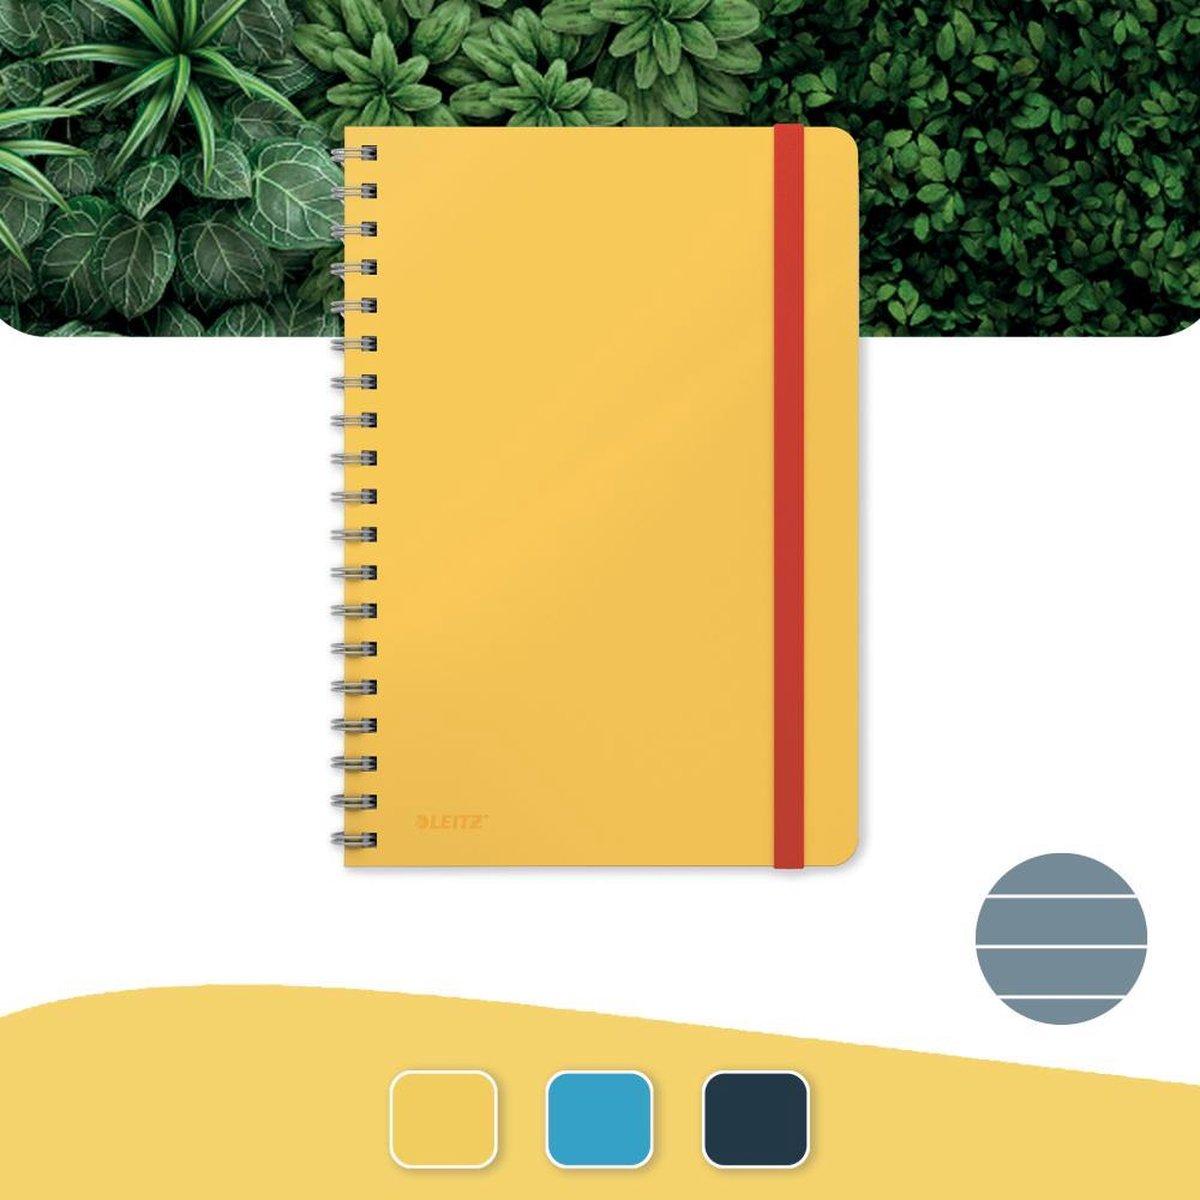 Leitz Cosy Notitieboek B5 Soft Touch Gelijnd - Notitieboek Hard Cover - Spiraalgebonden - Voor Kantoor En Thuiswerken - Warm Geel - Ideaal Voor Thuiskantoor